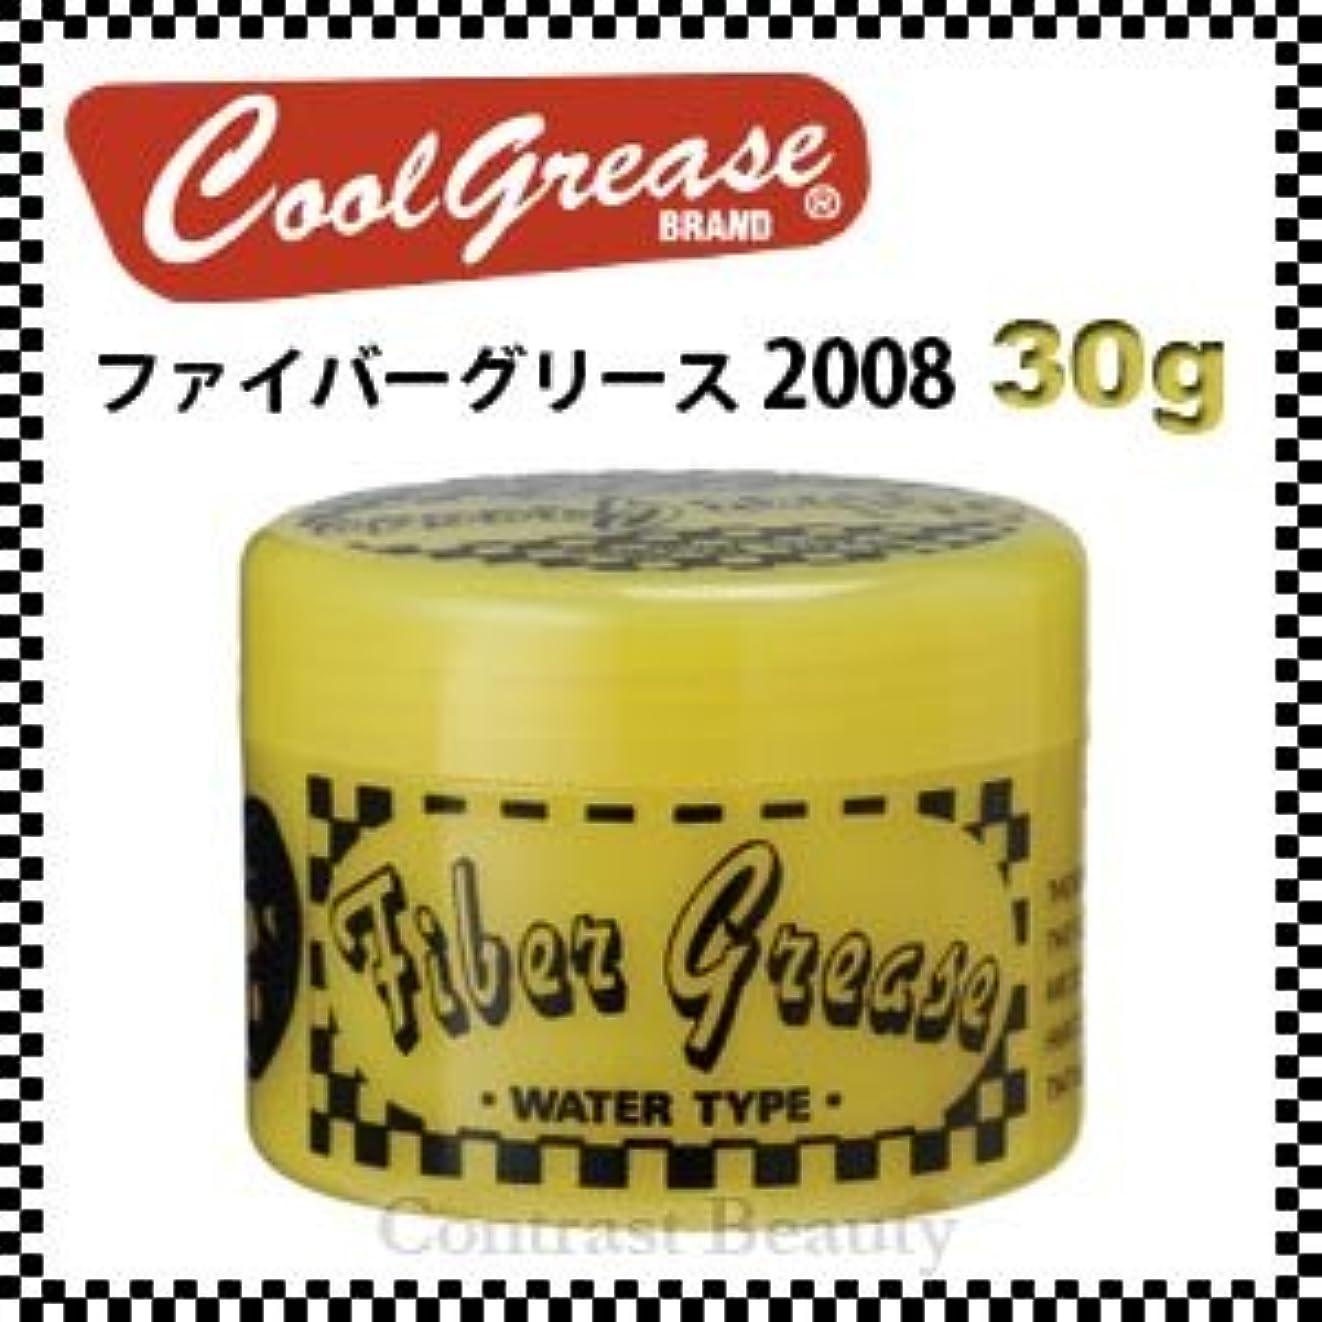 聖歌甘美な北阪本高生堂 ファイバーグリース 2008 30g